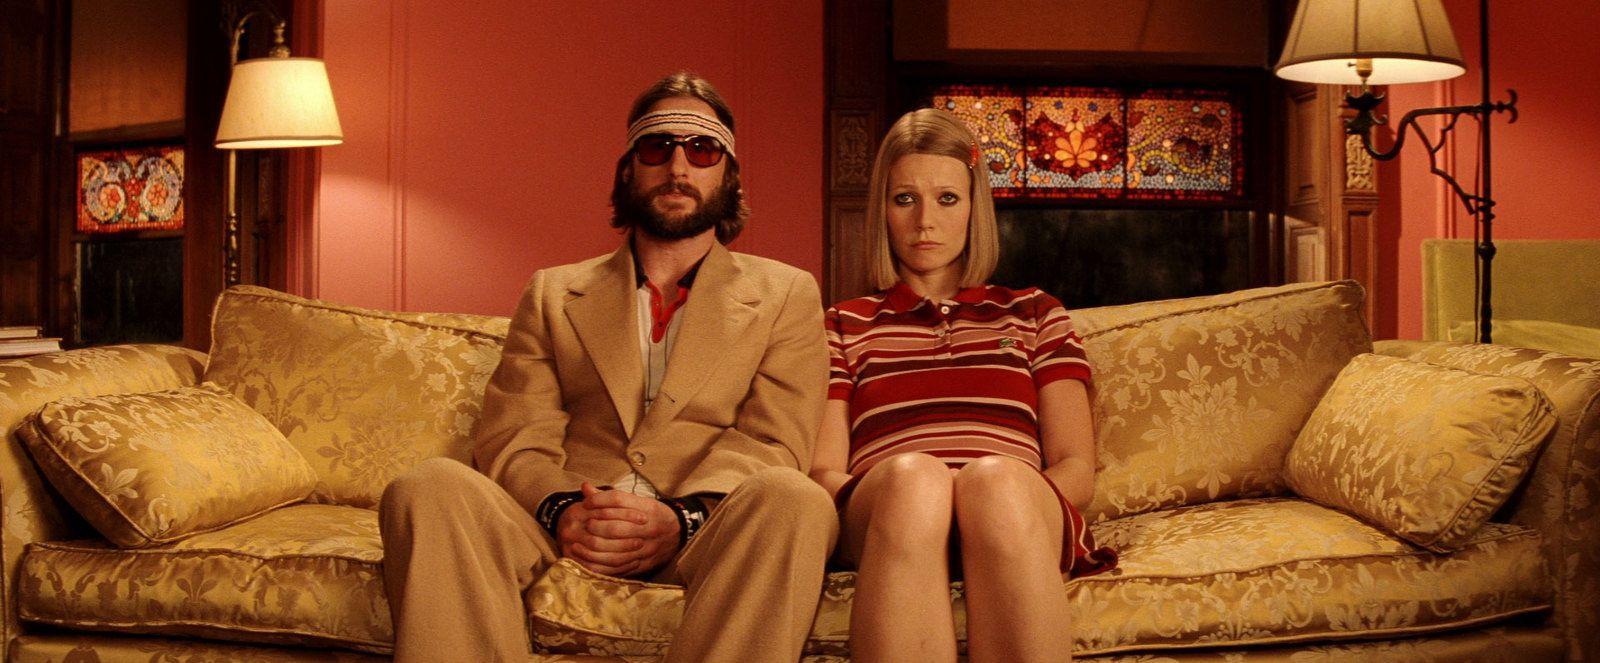 Source: www.filmcaptures.com